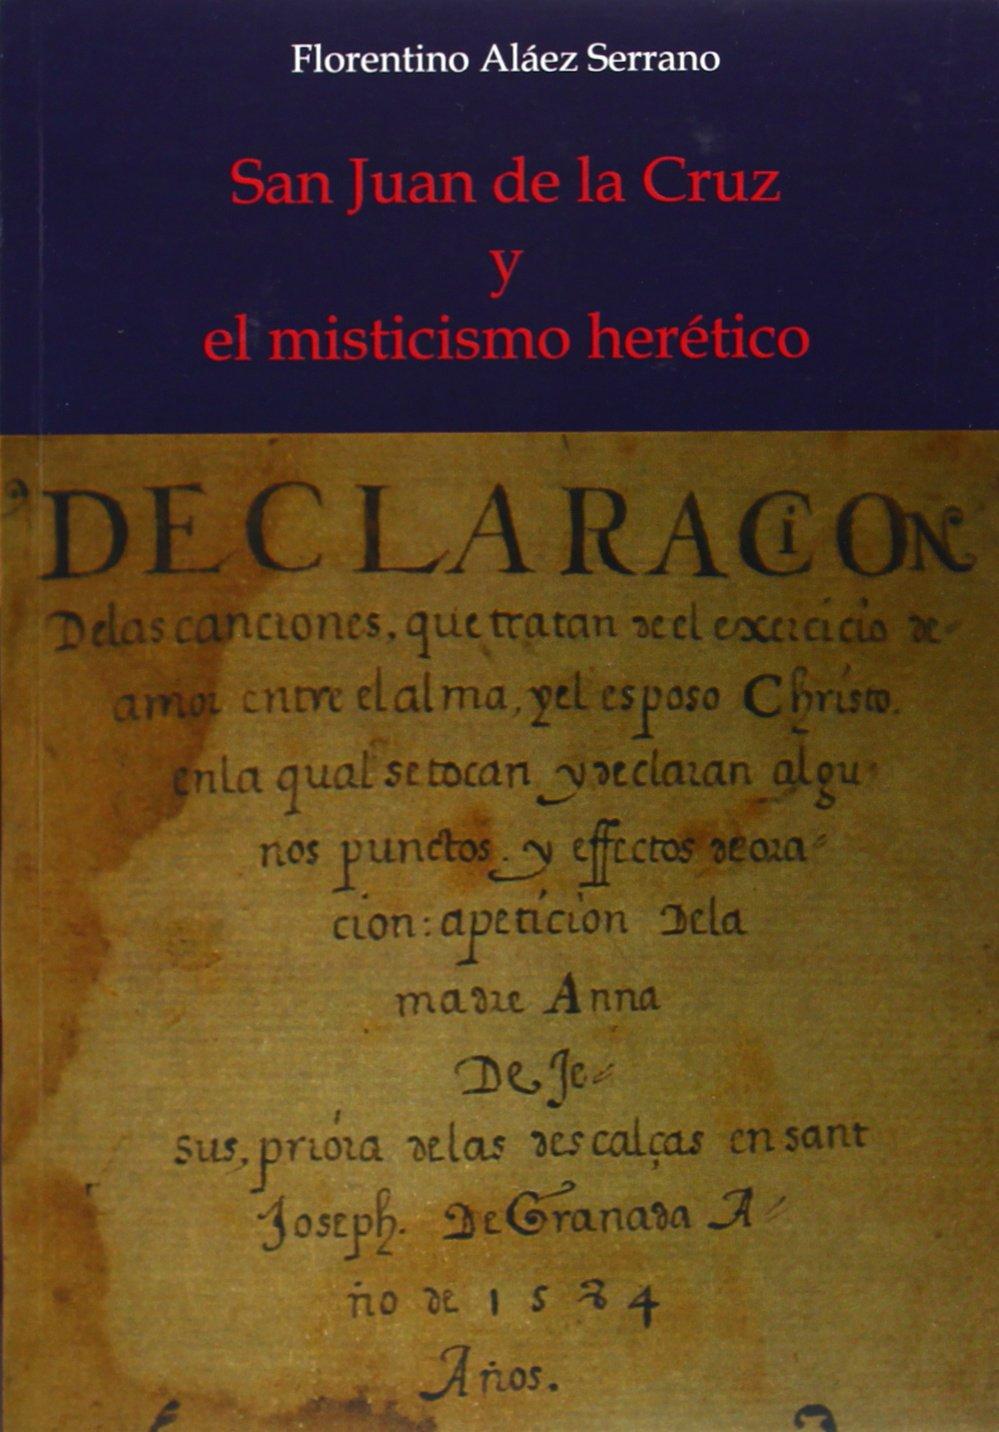 San Juan de la Cruz y el misticismo herético: Amazon.es: Florentino Aláez Serrano: Libros